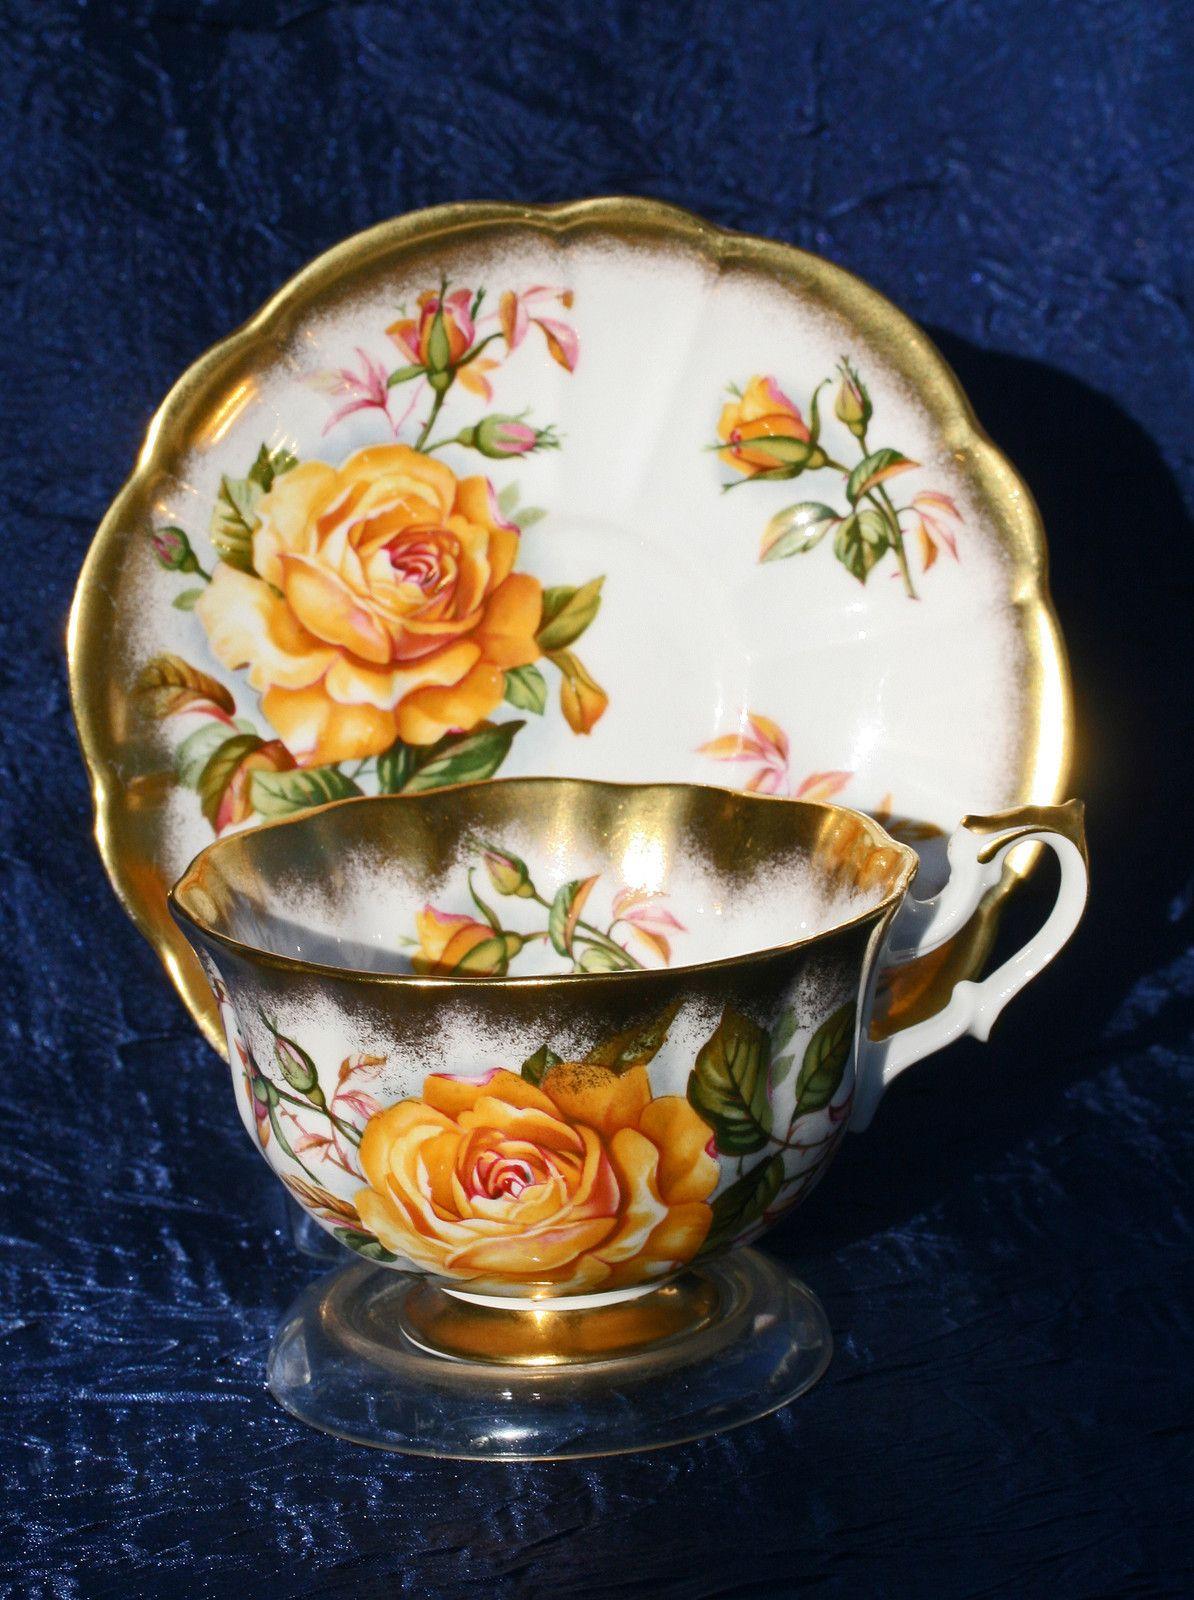 royal albert yellow rose gold crest series tea cup saucer pinterest porzellan kaffee. Black Bedroom Furniture Sets. Home Design Ideas